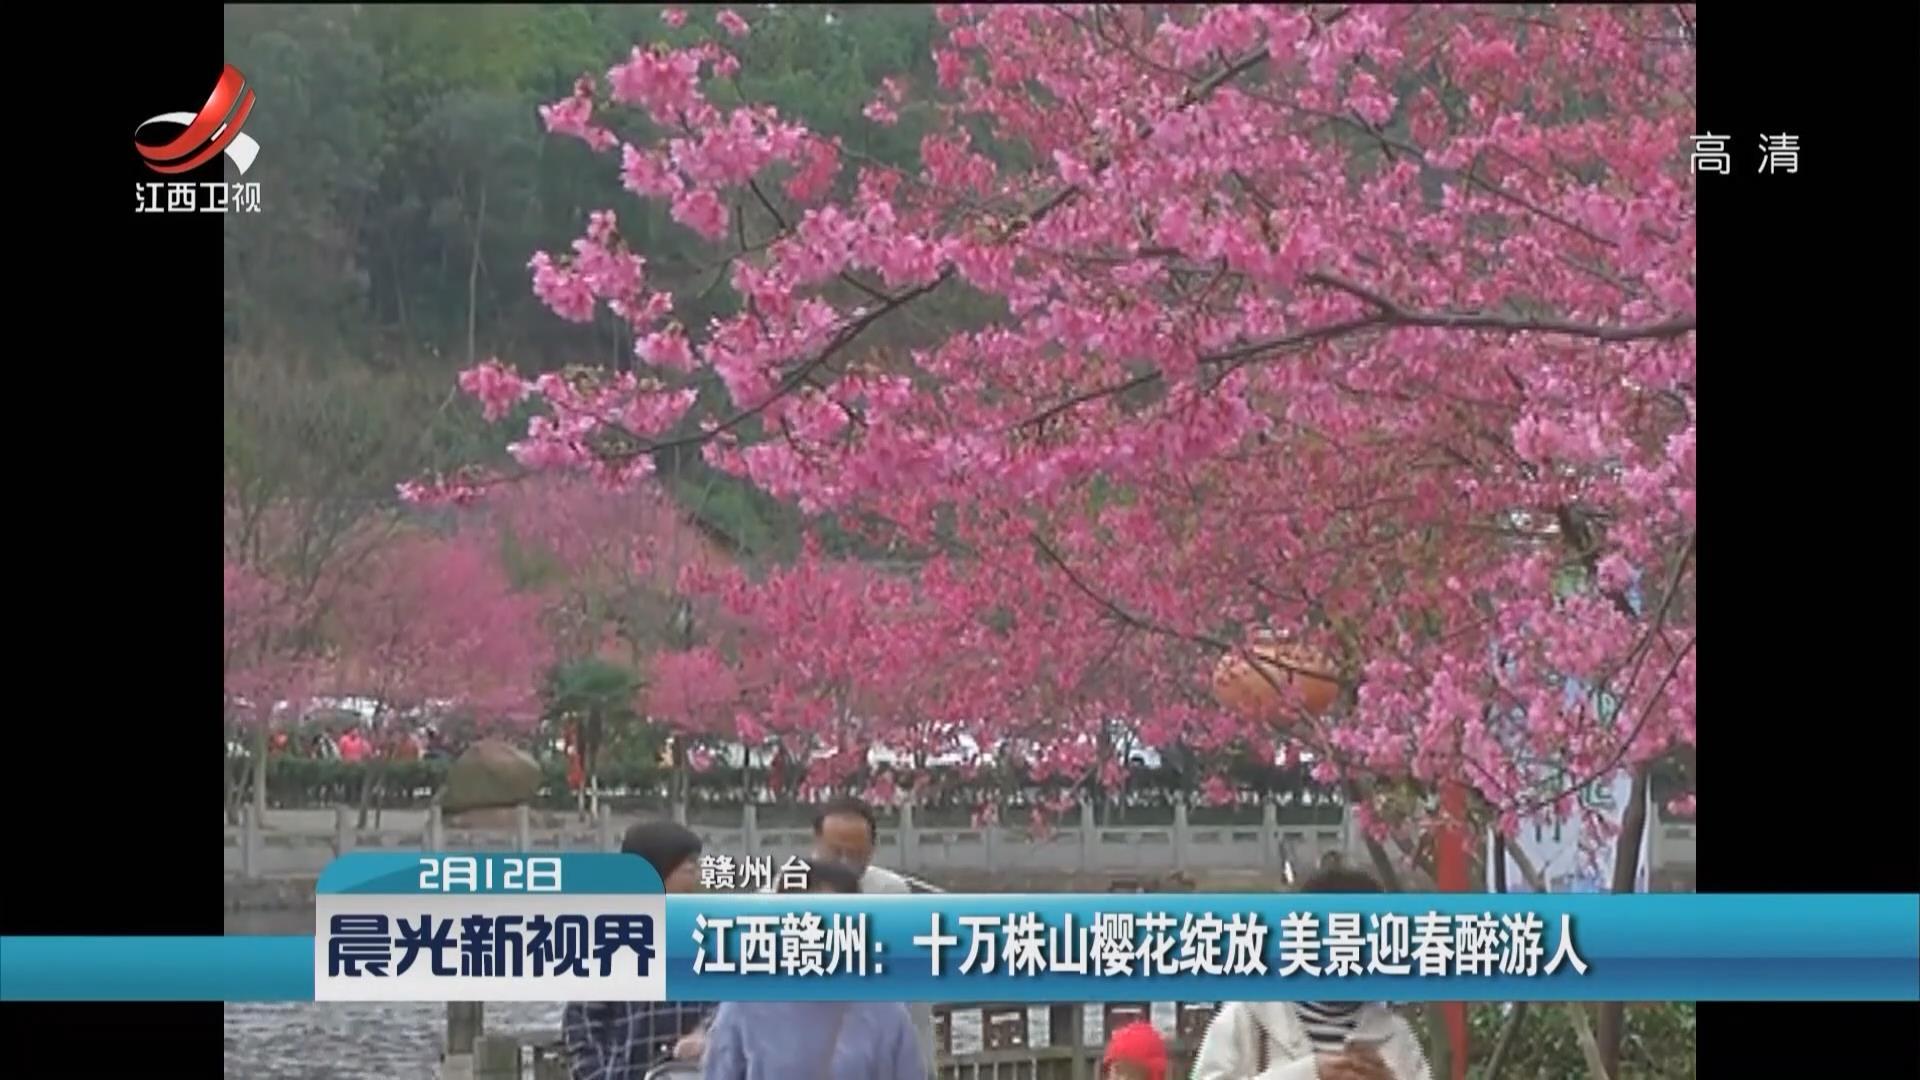 江西贛州:十萬株山櫻花綻放 美景迎春醉遊人